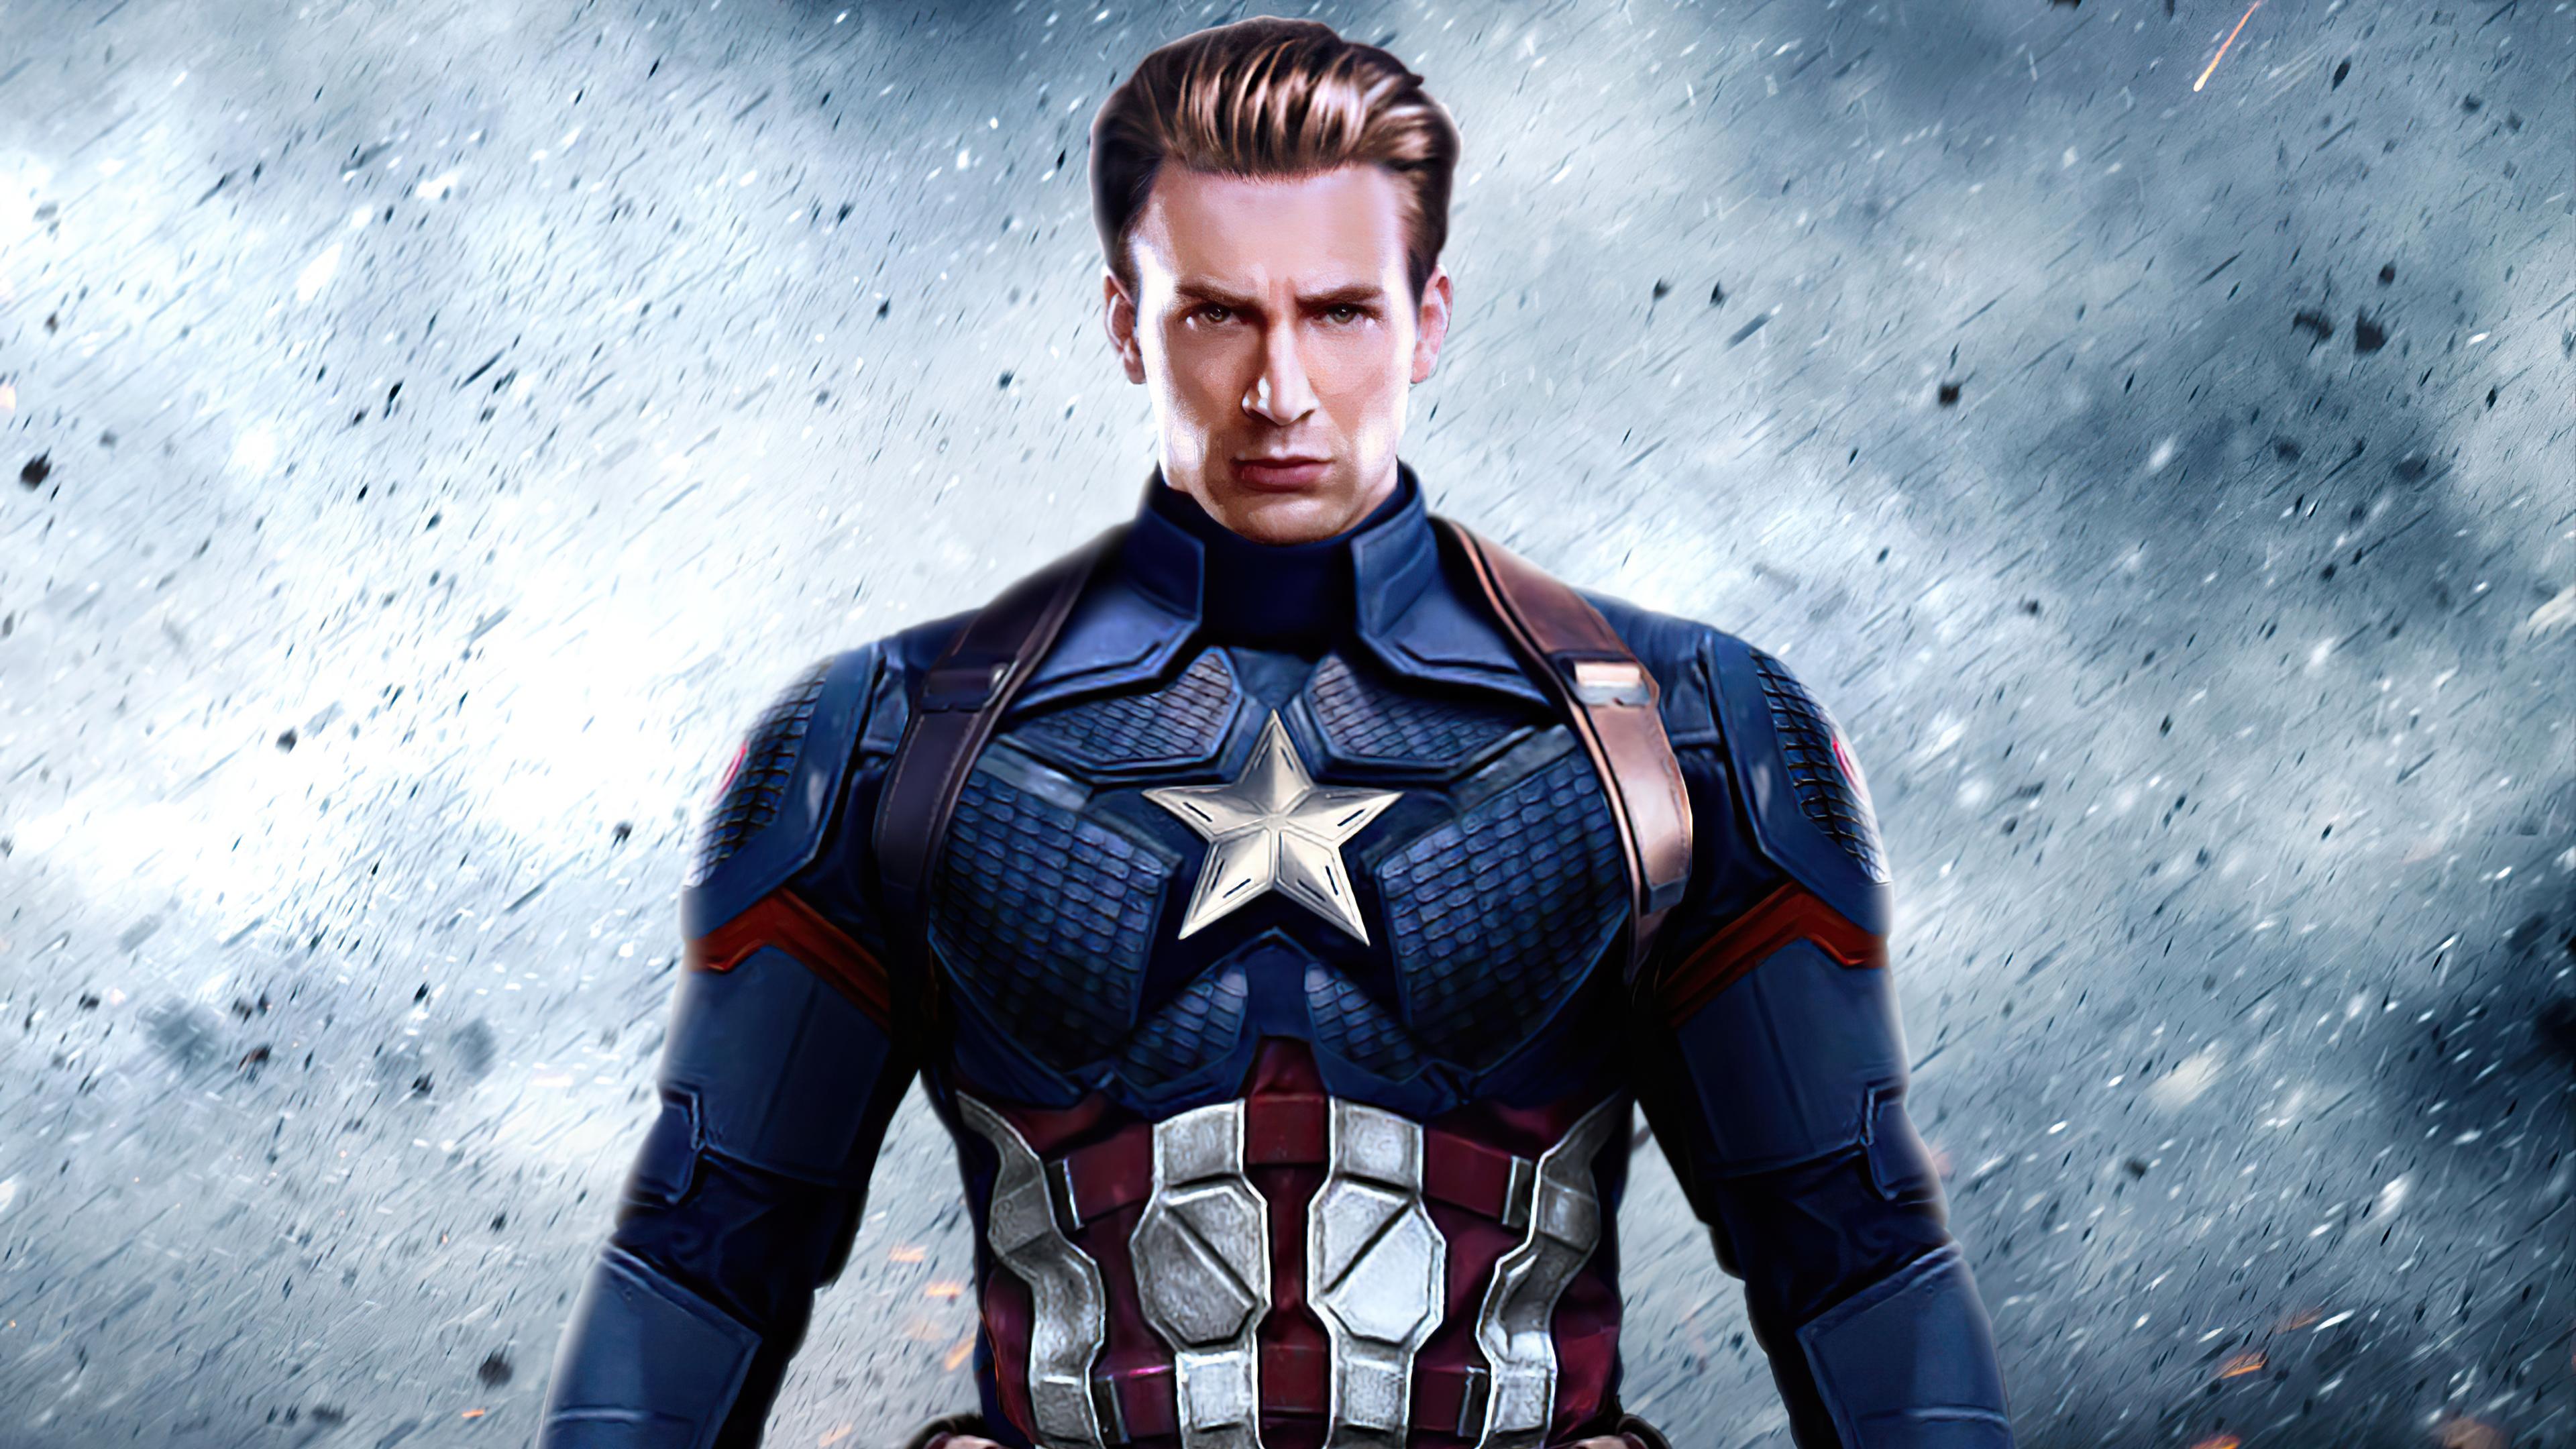 avengers 4 captain america 4k 1619216301 - Avengers 4 Captain America 4k - Avengers 4 Captain America 4k wallpapers